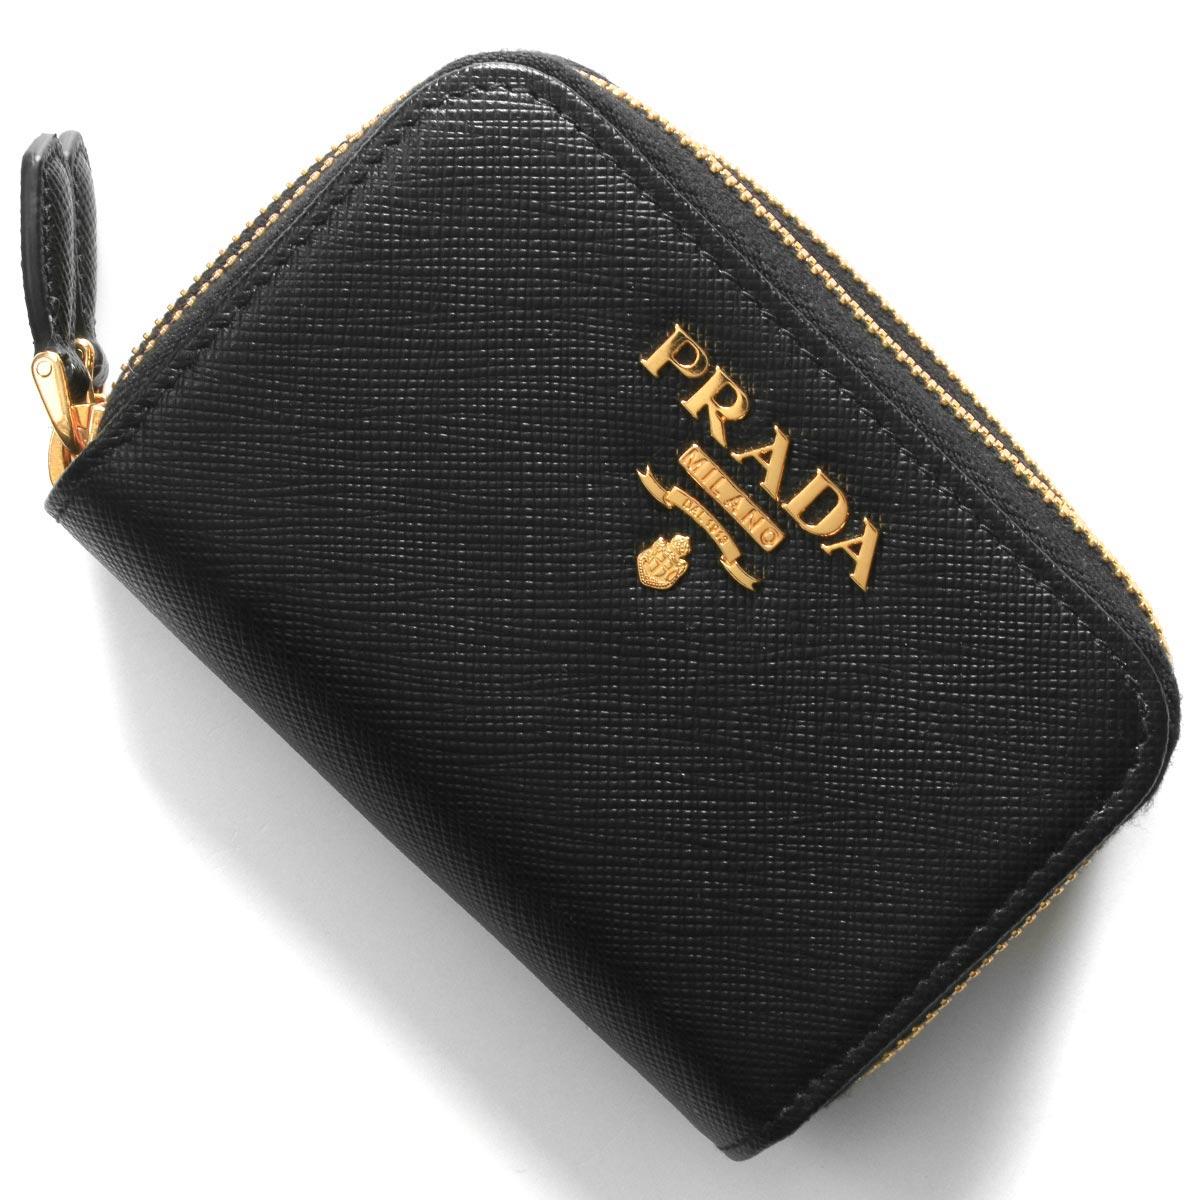 プラダ コインケース(小銭入れ)/カードケース 財布 レディース サフィアーノ メタル ブラック 1ML039 QWA F0002 PRADA